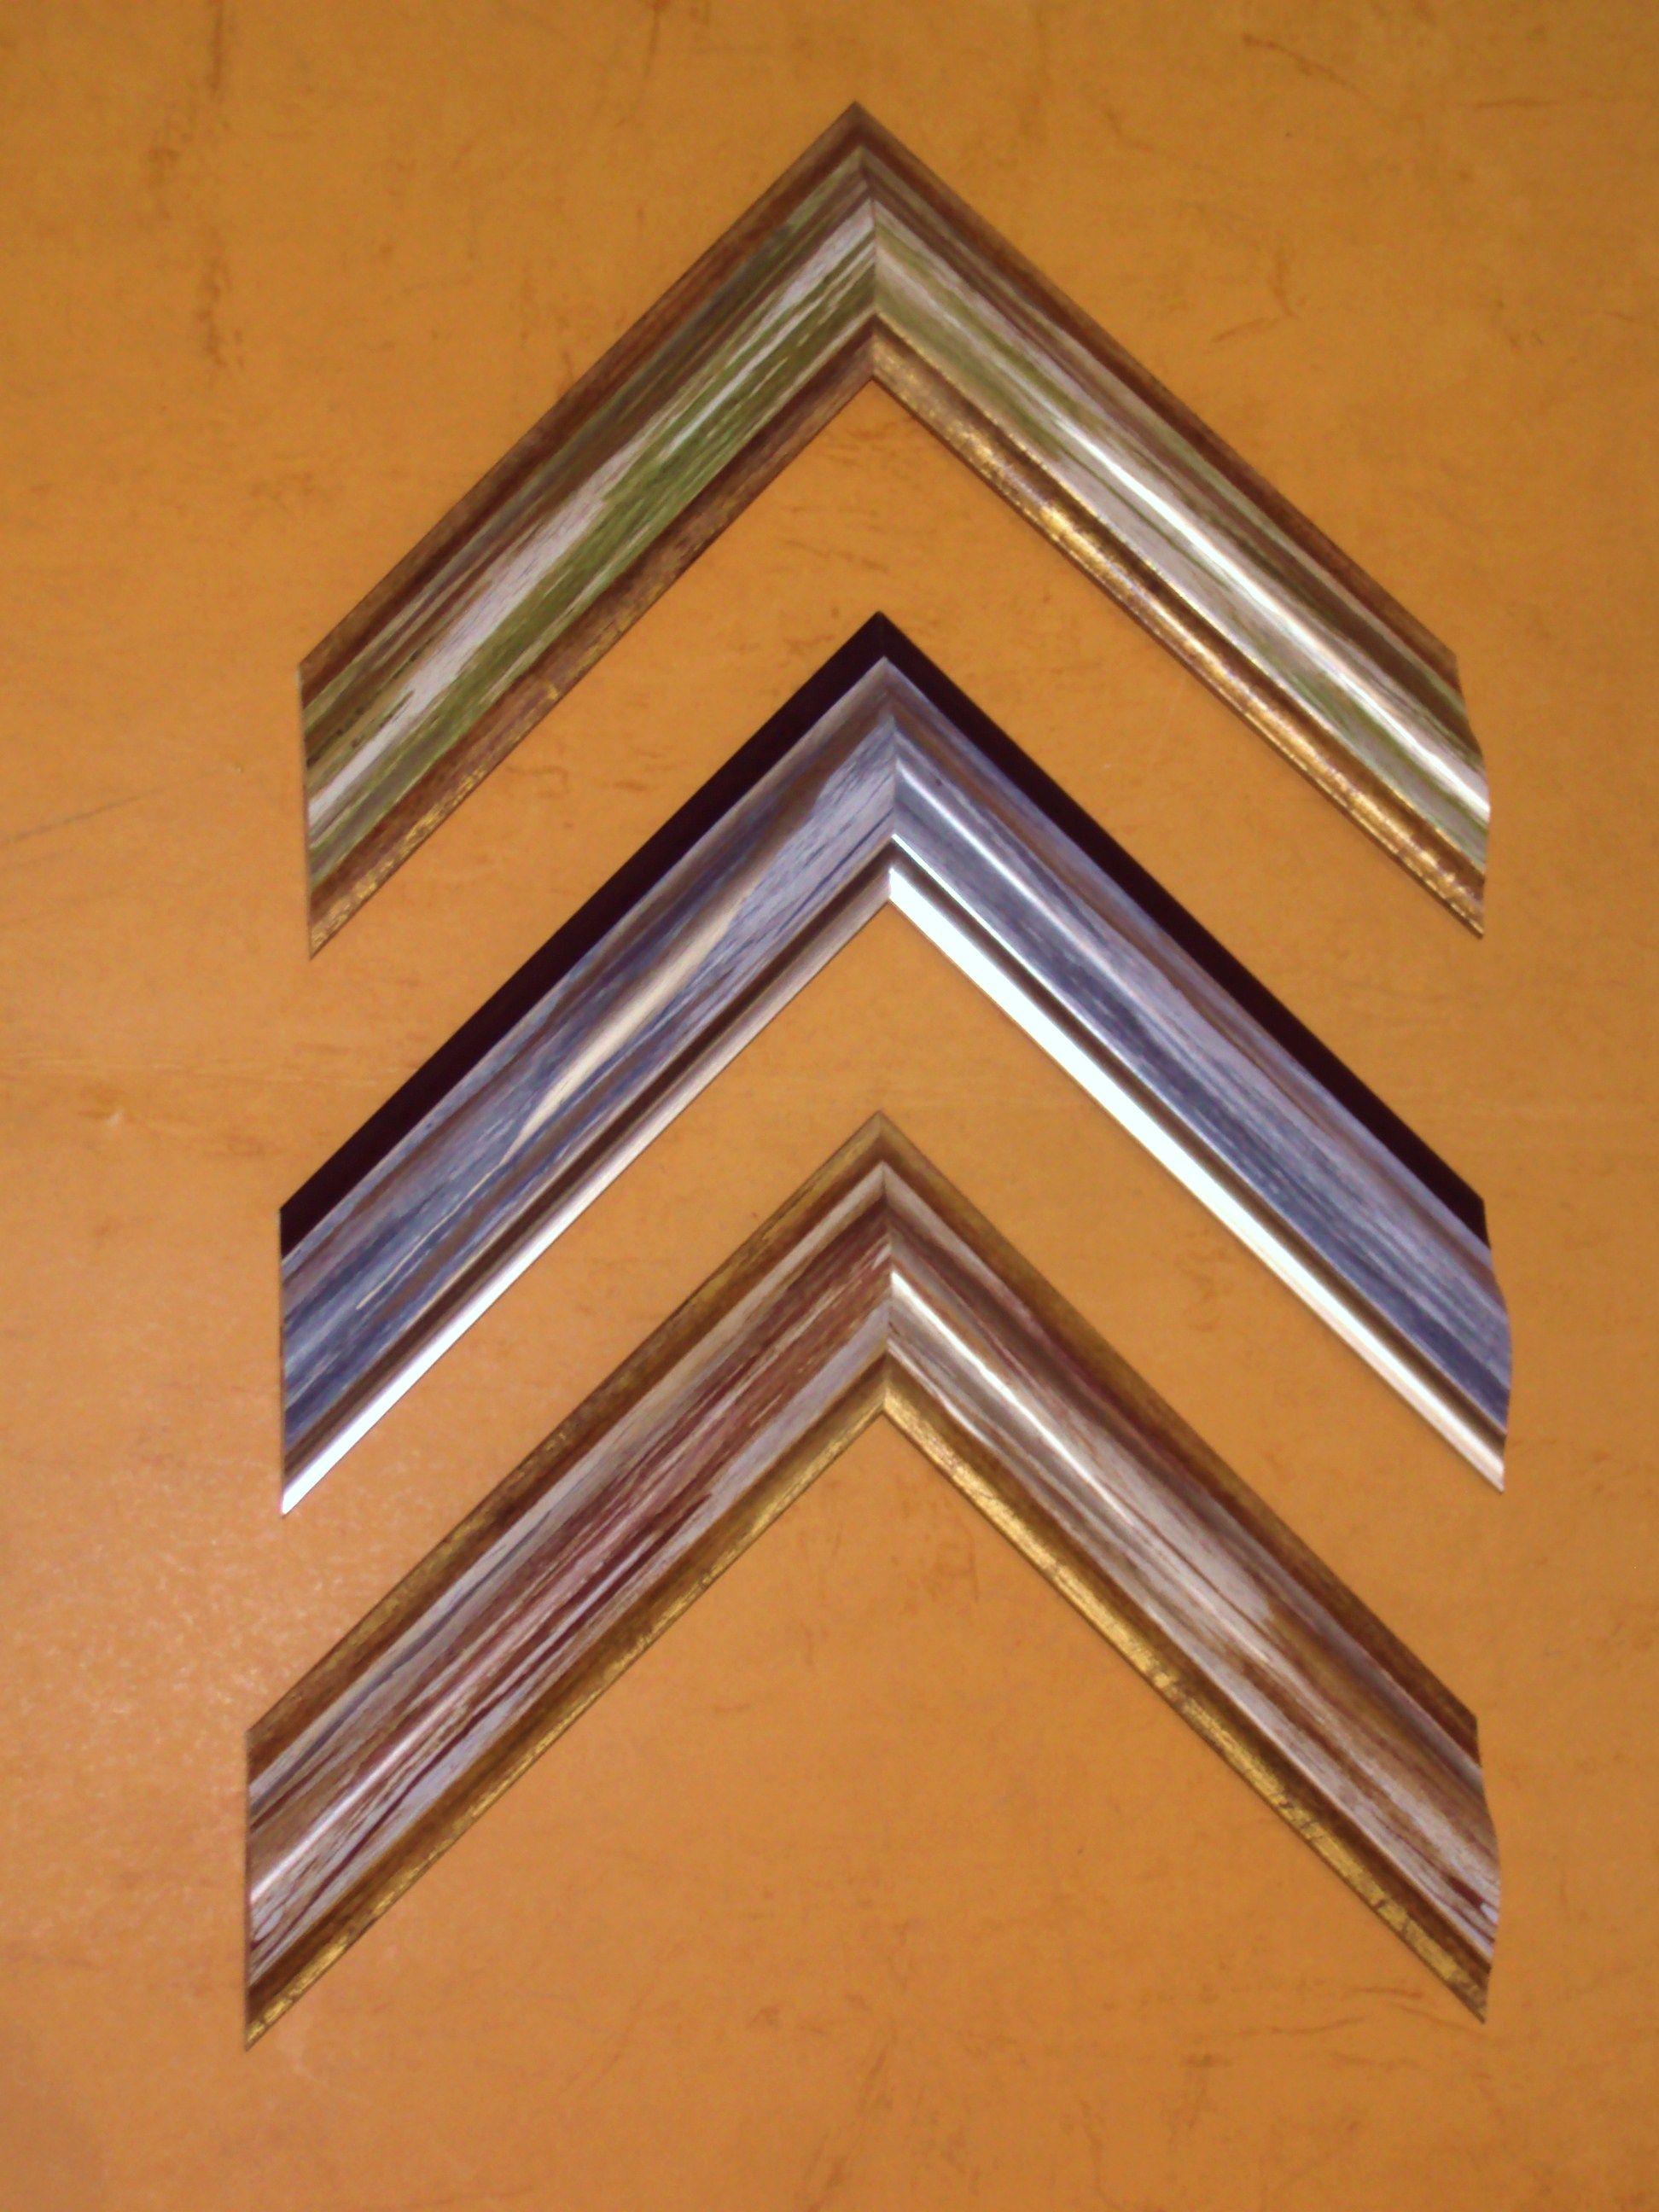 Novedades en oro-color: Catálogo de Cristalería y taller de enmarcación Urgel